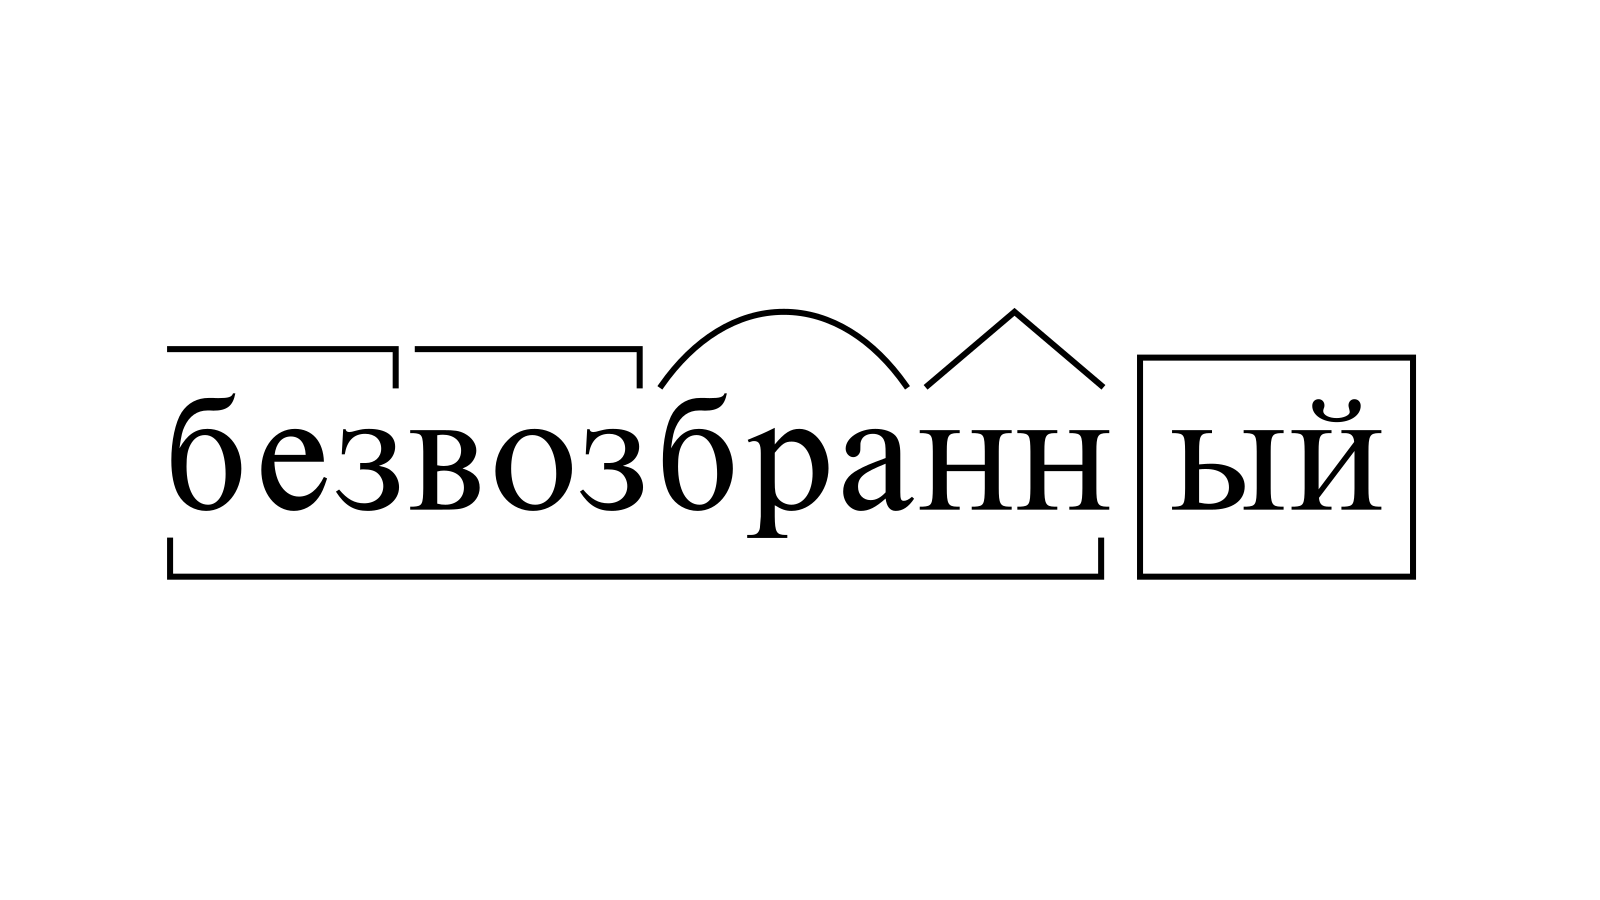 Разбор слова «безвозбранный» по составу